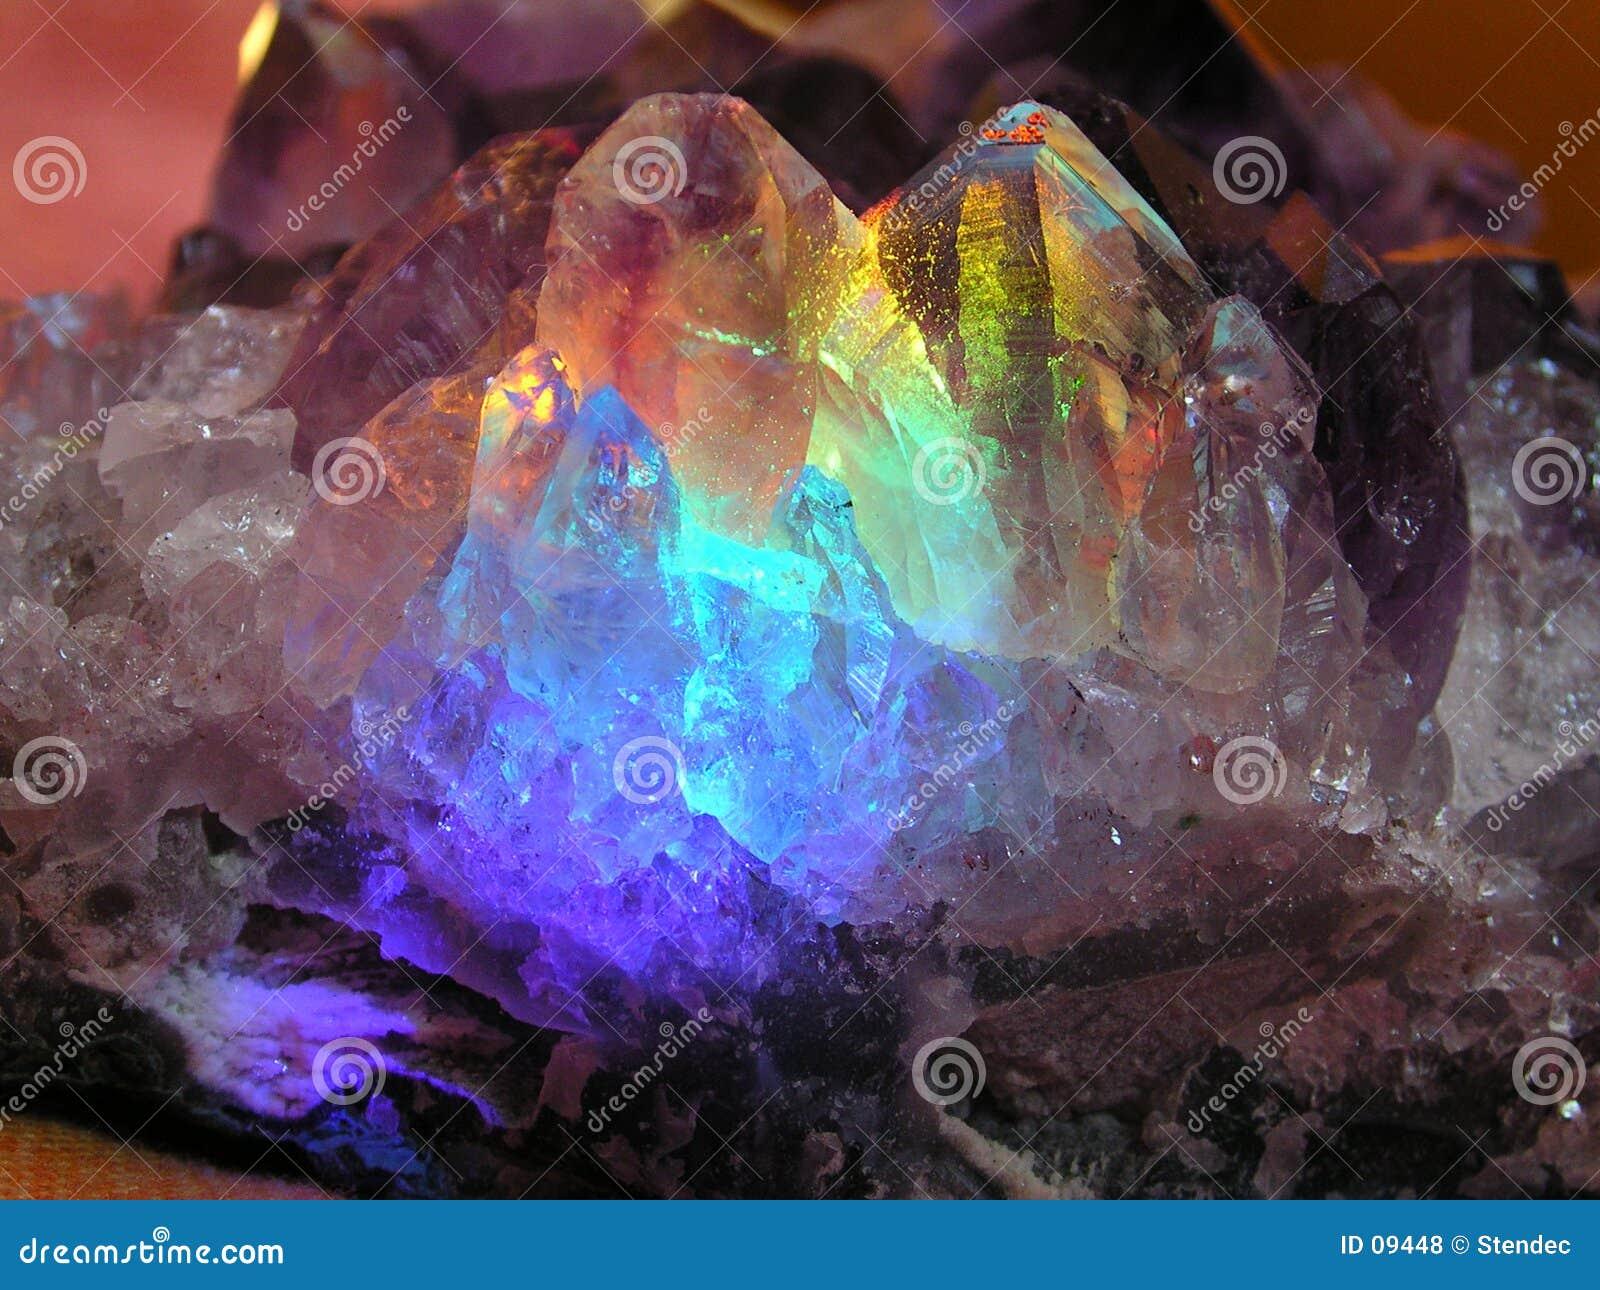 A magical crystal